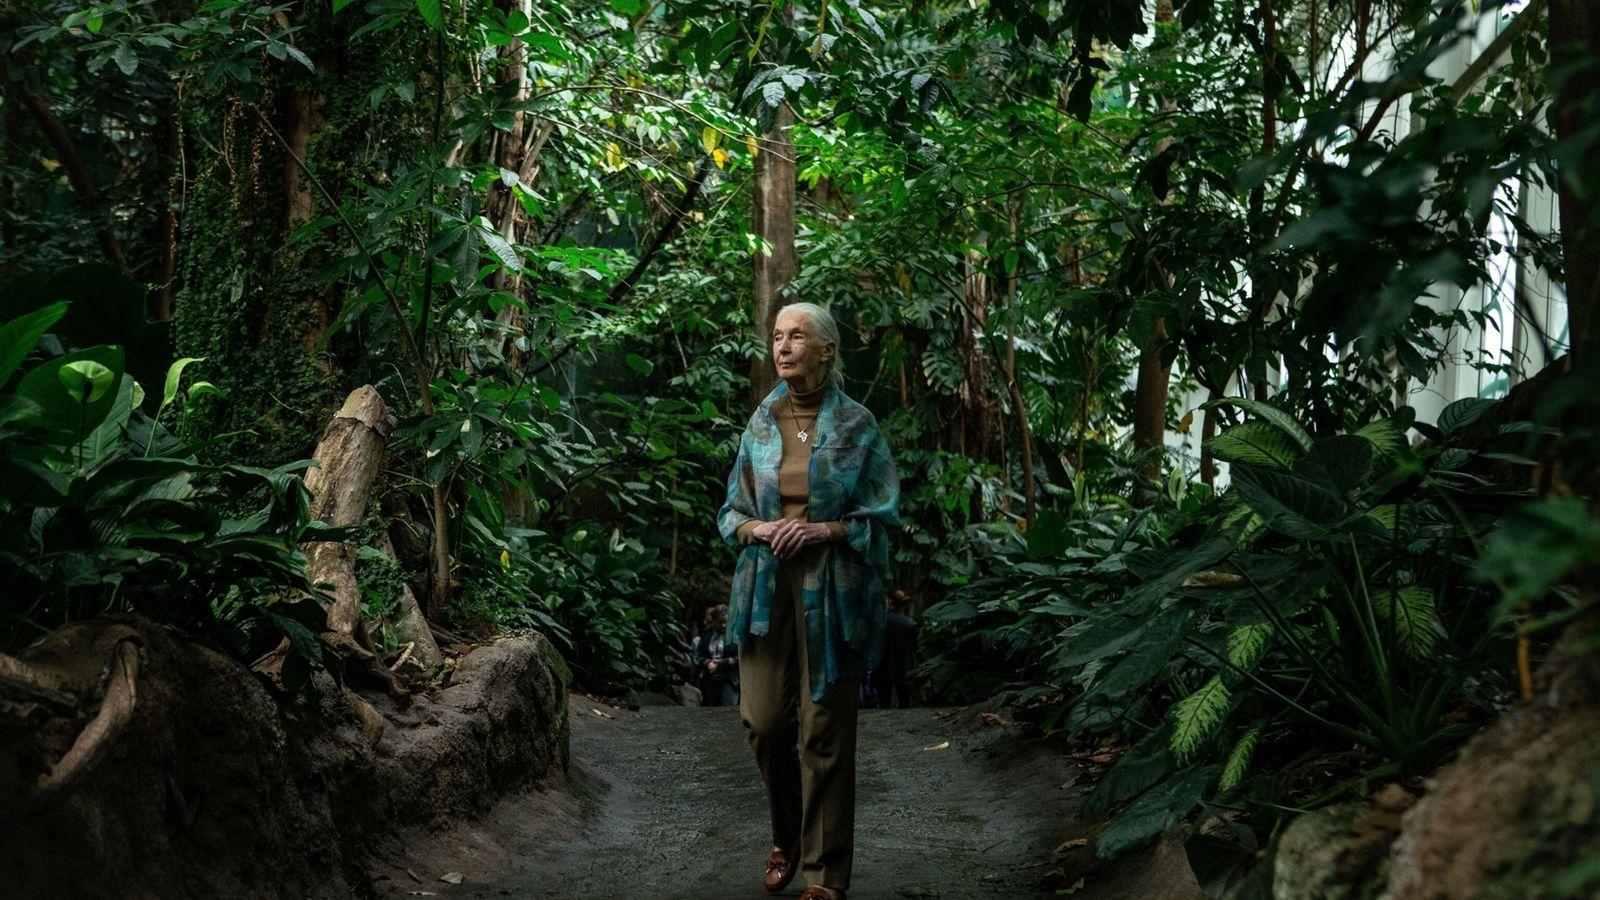 foto da primatóloga Jane Goodall no meio de uma mata